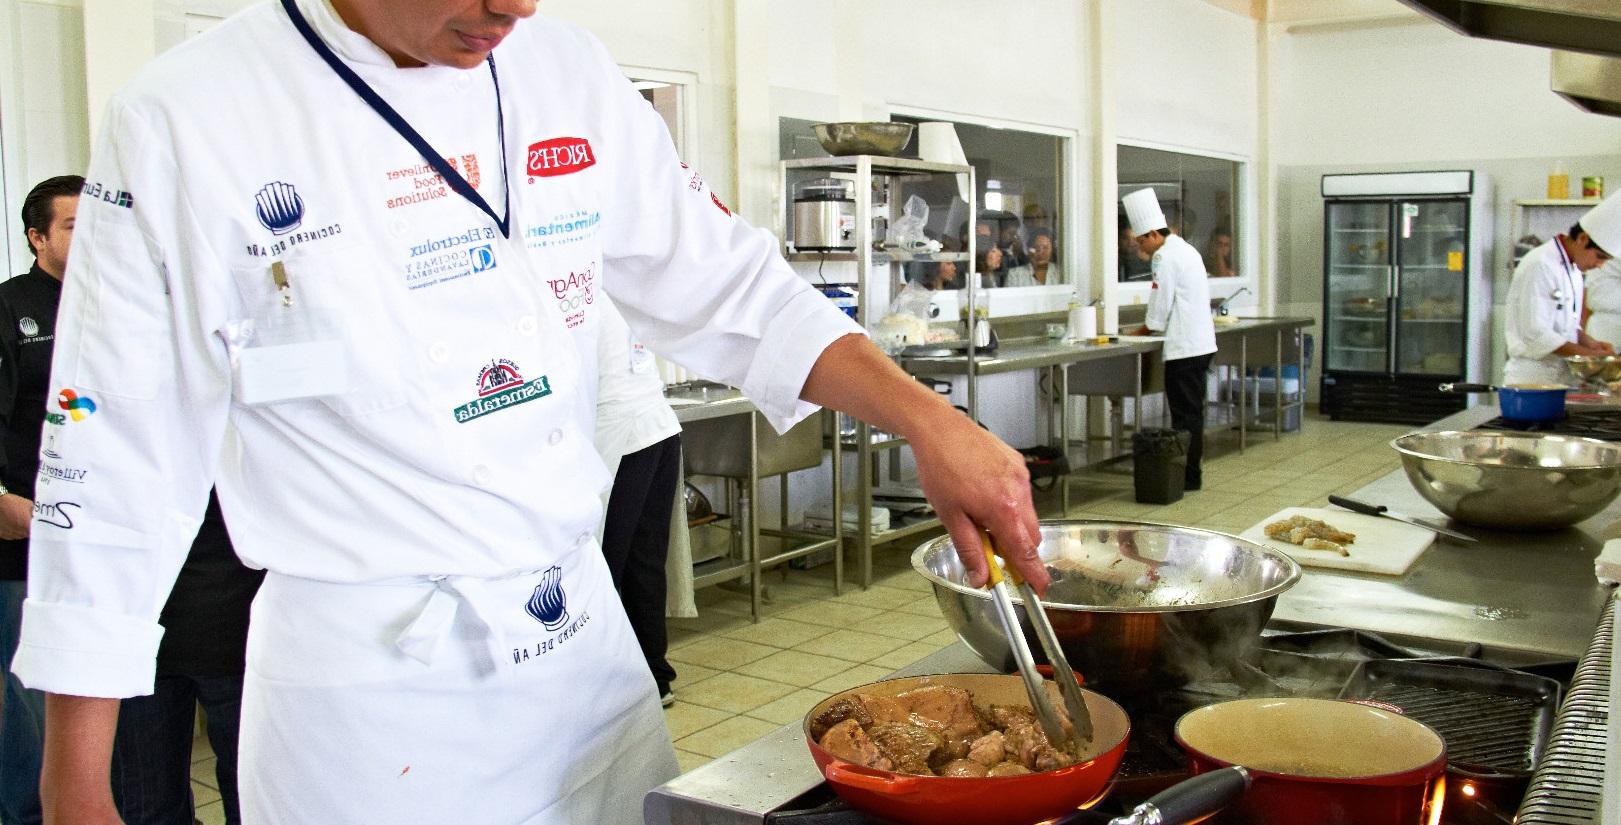 cocinero con vestuario de chef, gorro, chaqueta, delantal, haciendo un pollo